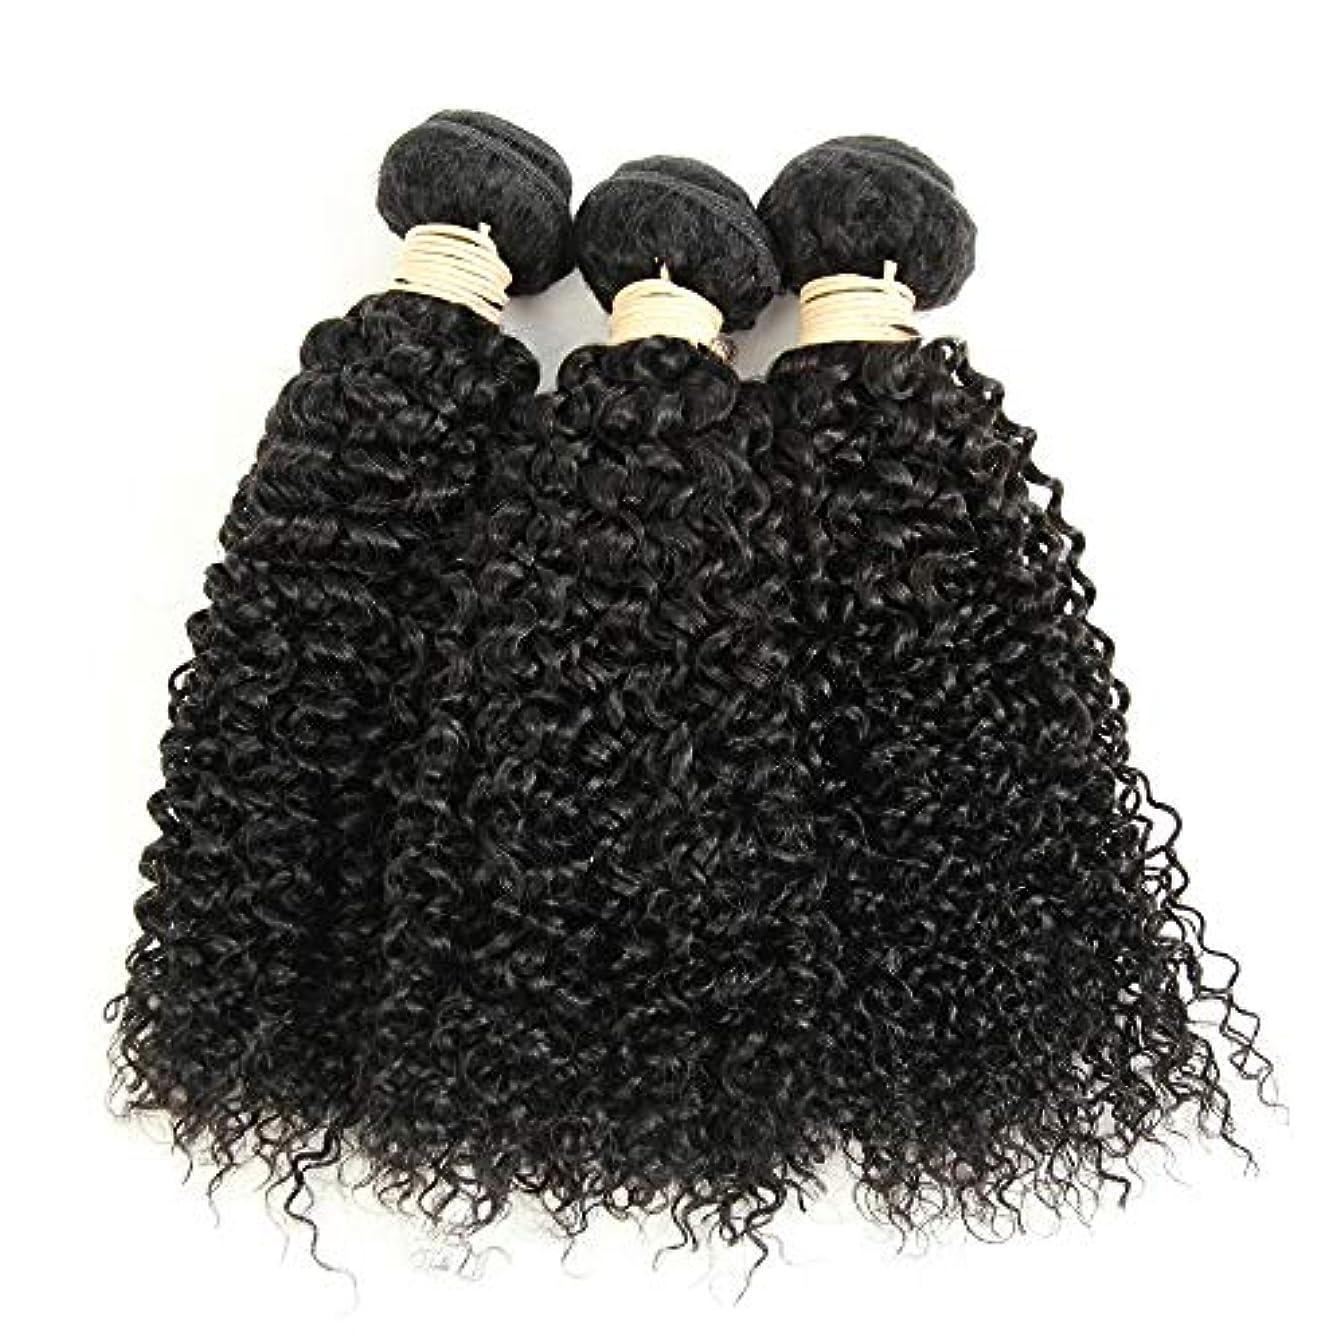 企業ドライバポルティコMayalina ブラジルのバージン変態巻き毛の束8-28インチ人毛エクステンションナチュラルカラー1バンドル、100g /個女性の合成かつらレースかつらロールプレイングかつら (色 : 黒, サイズ : 10 inch)